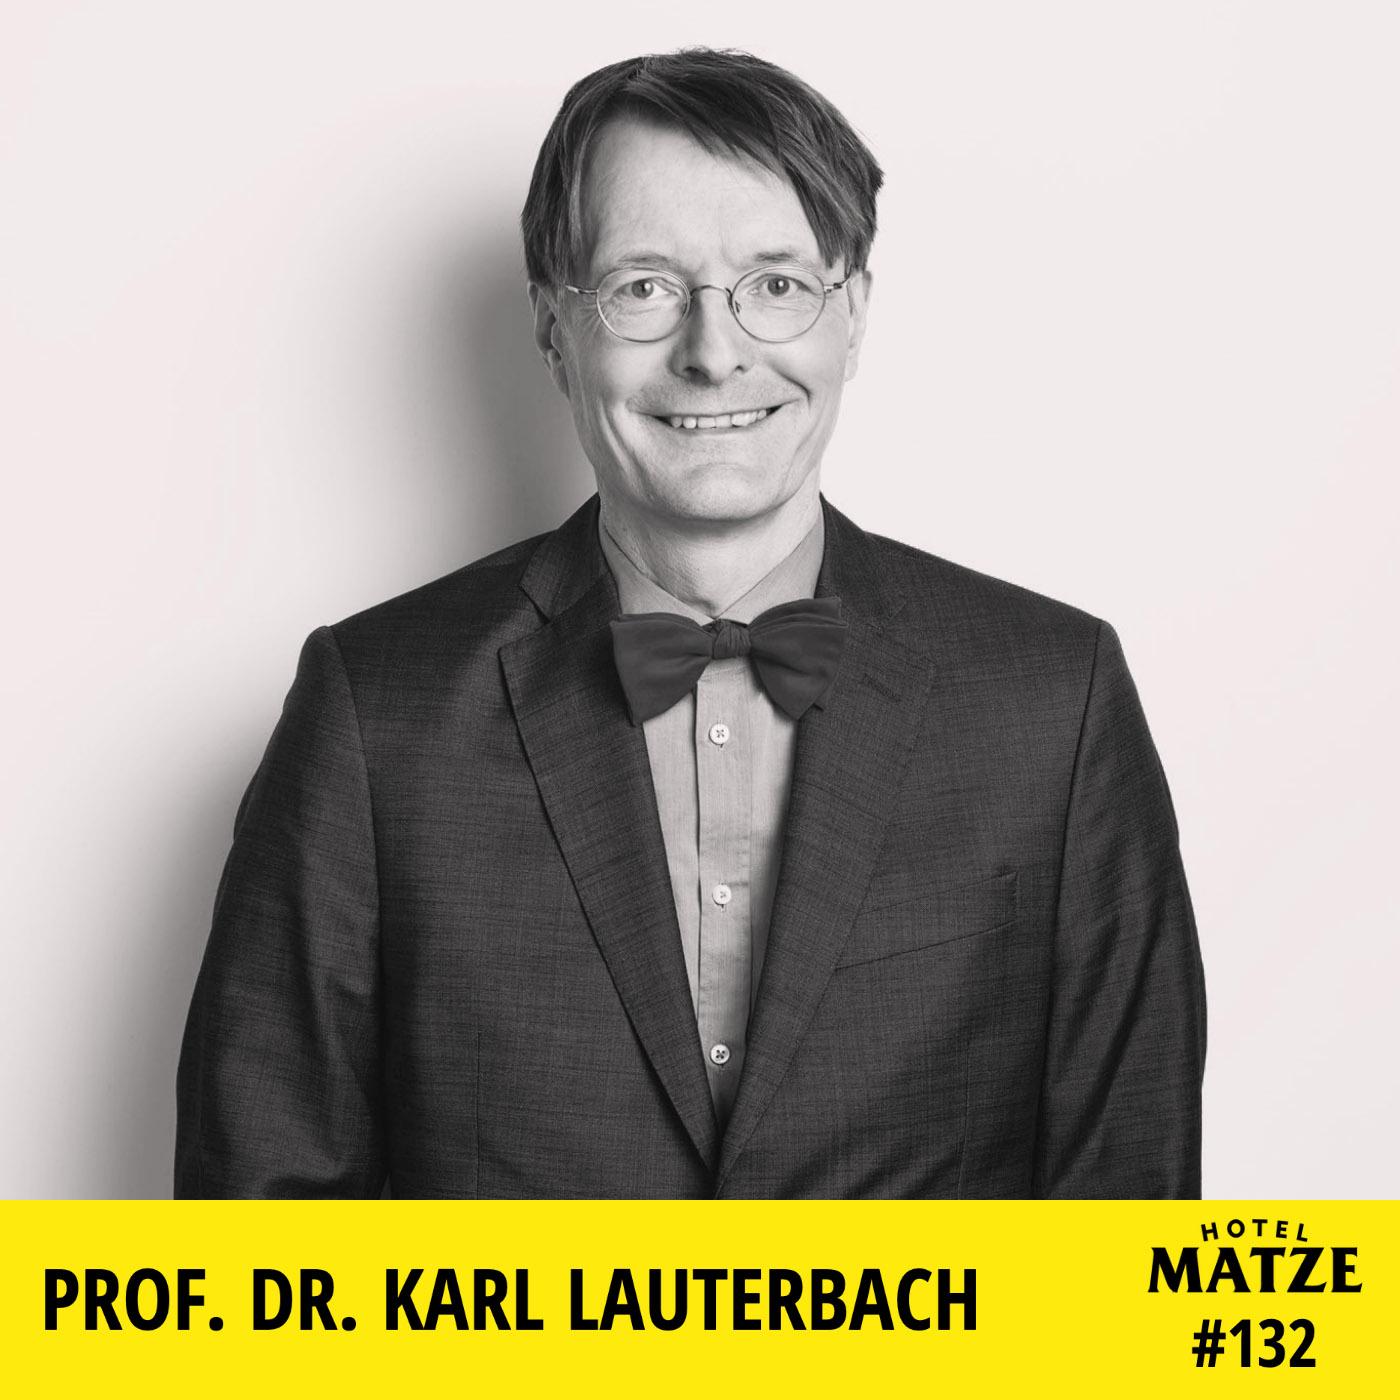 Karl Lauterbach - Wie sieht eine gesunde Gesellschaft aus?